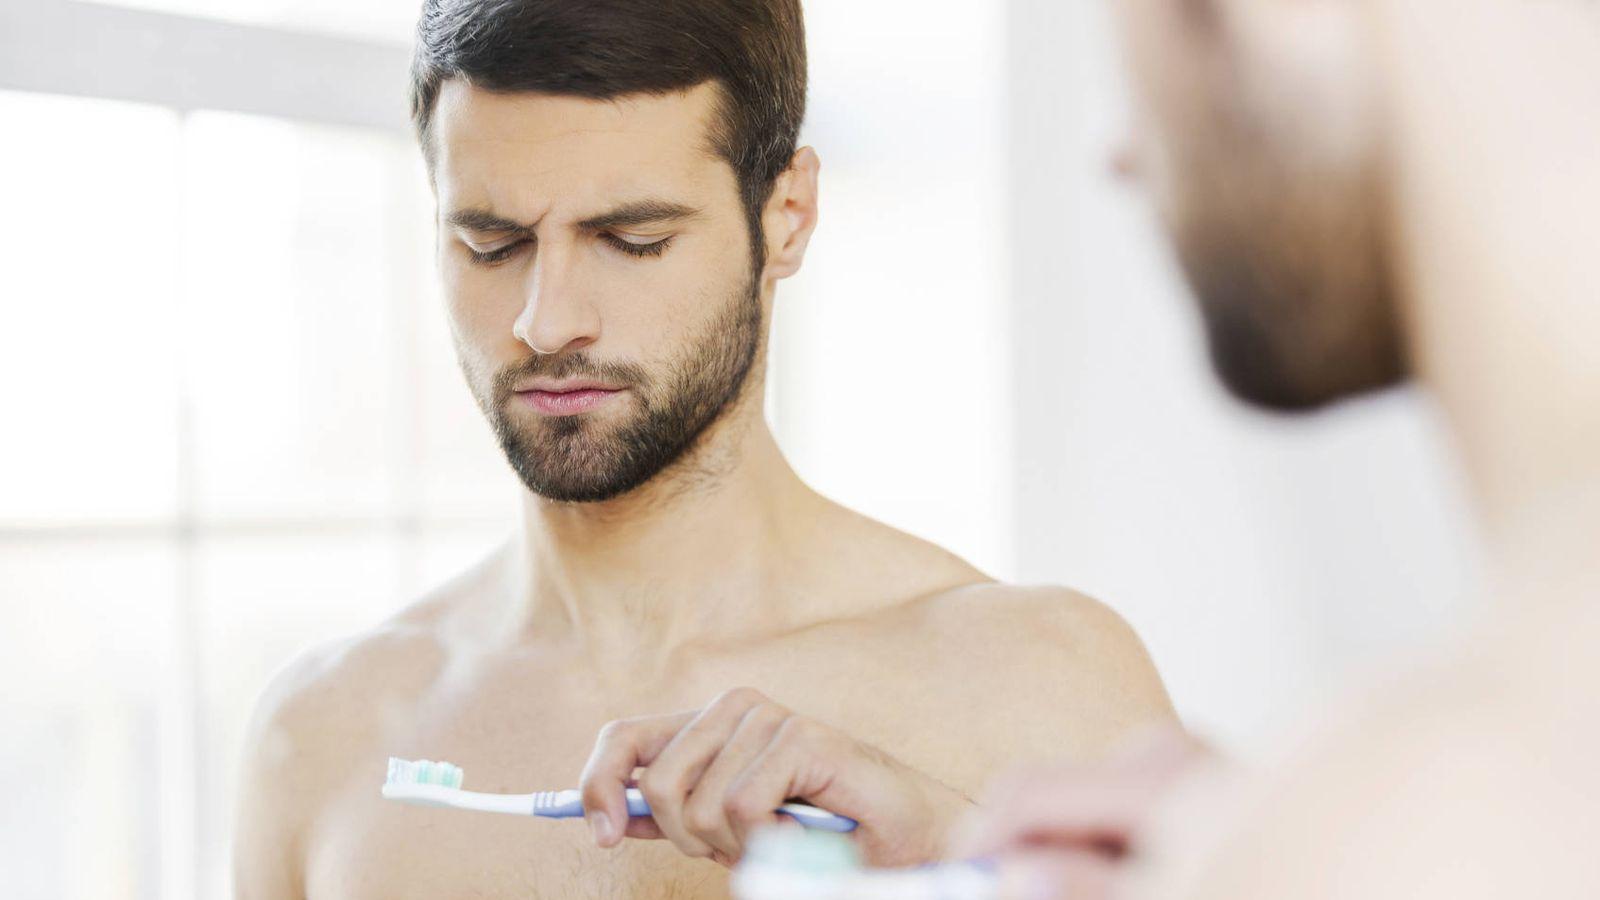 Sanidad pública  Llevas toda la vida lavándote mal los dientes  así es como  se hace 09ec244d4c4f